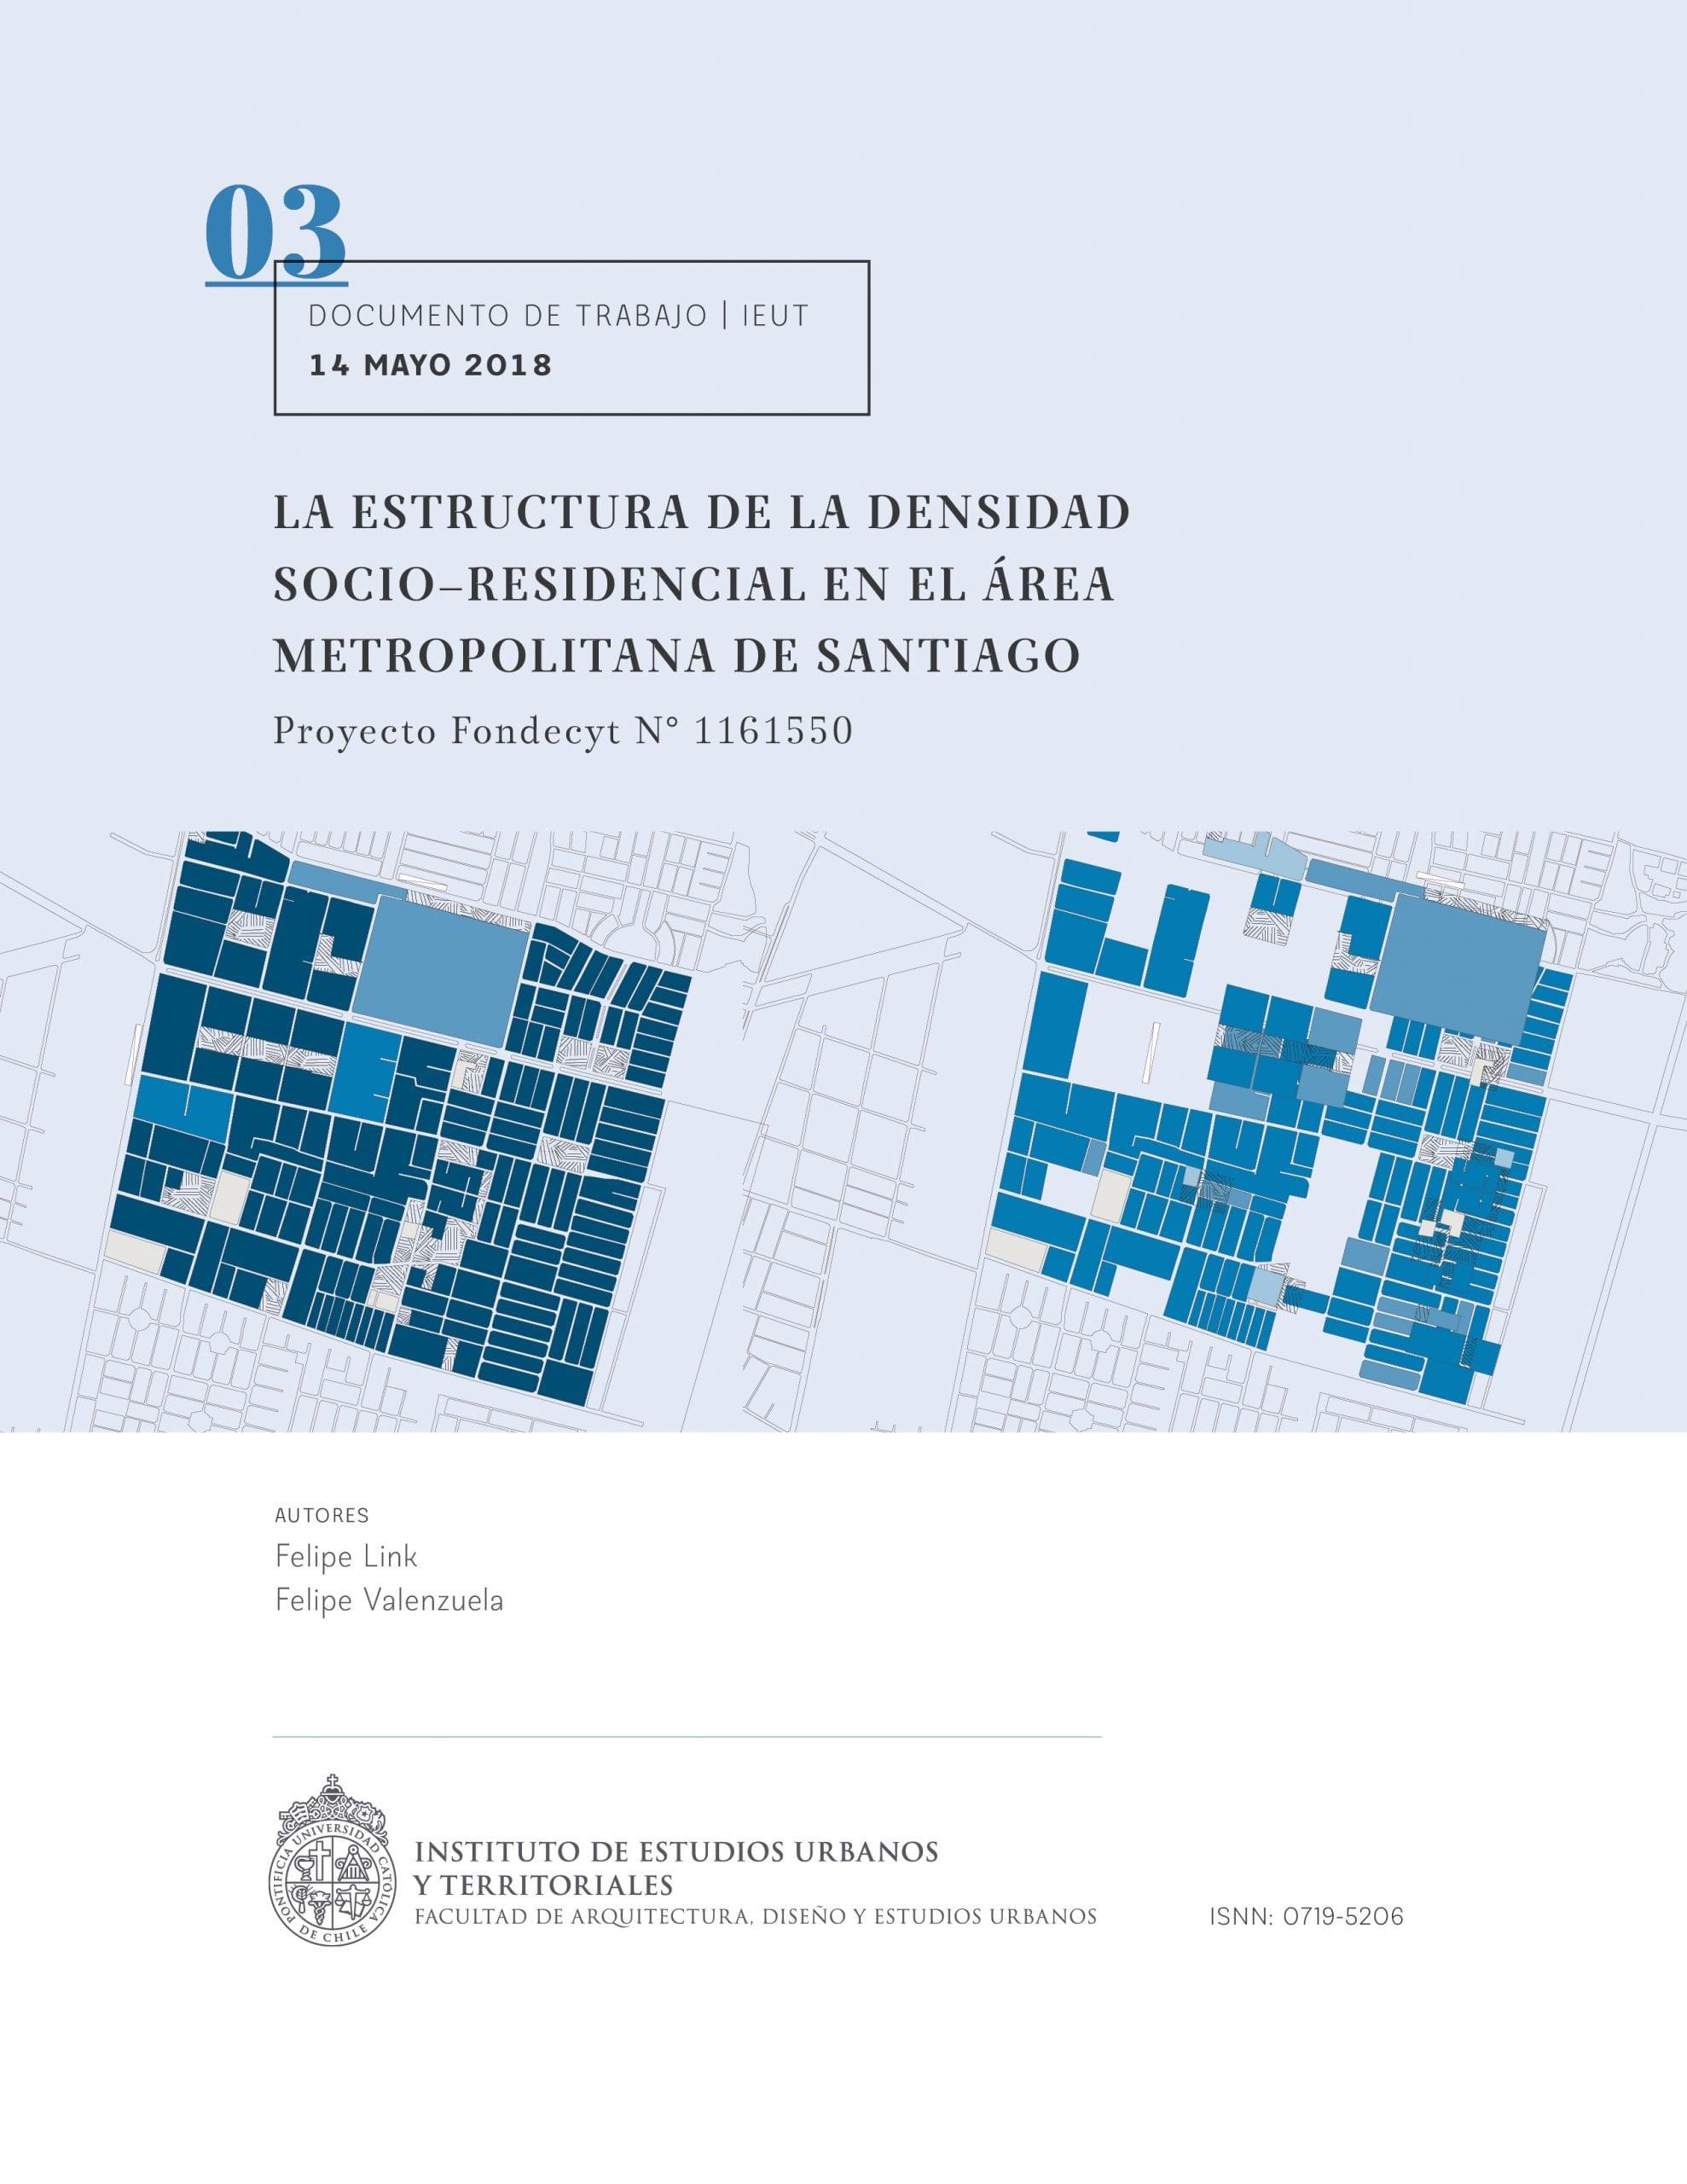 Laestructura de la densidad socio–residencial en el área metropolitana de Santiago (Proyecto Fondecyt N° 1161550).